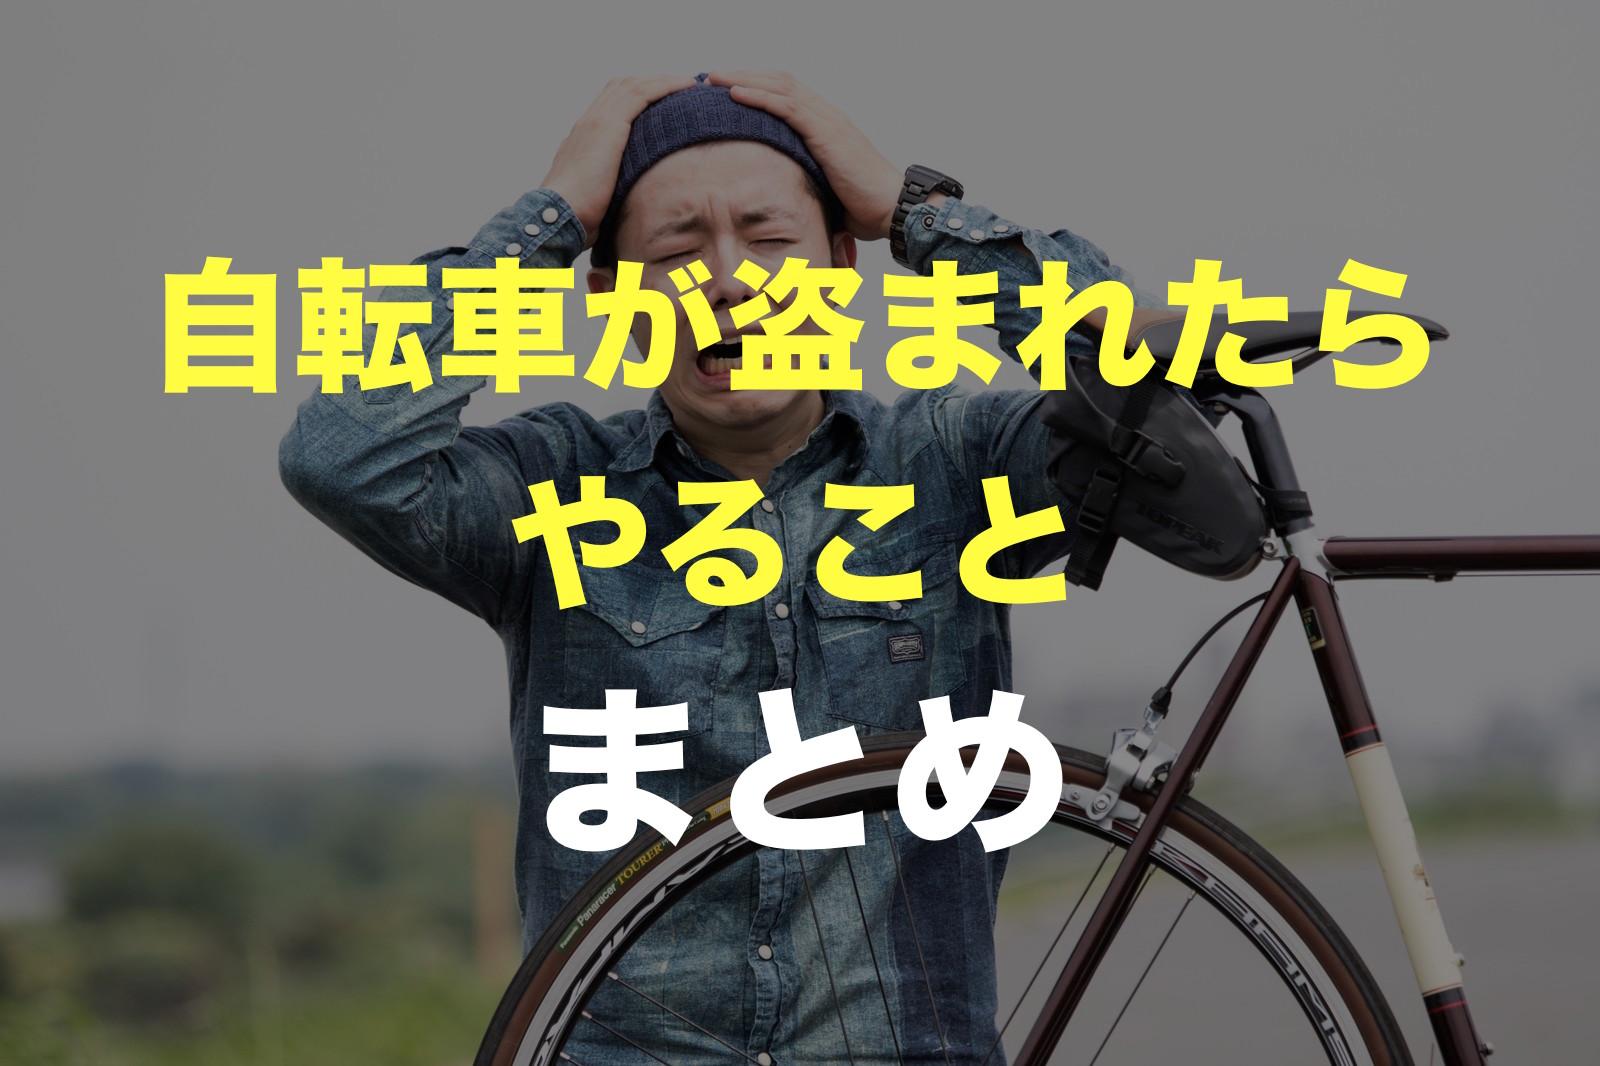 自転車が盗まれたらやること まとめ。警察での盗難届の出し方と その後の防犯対策・盗難防止策